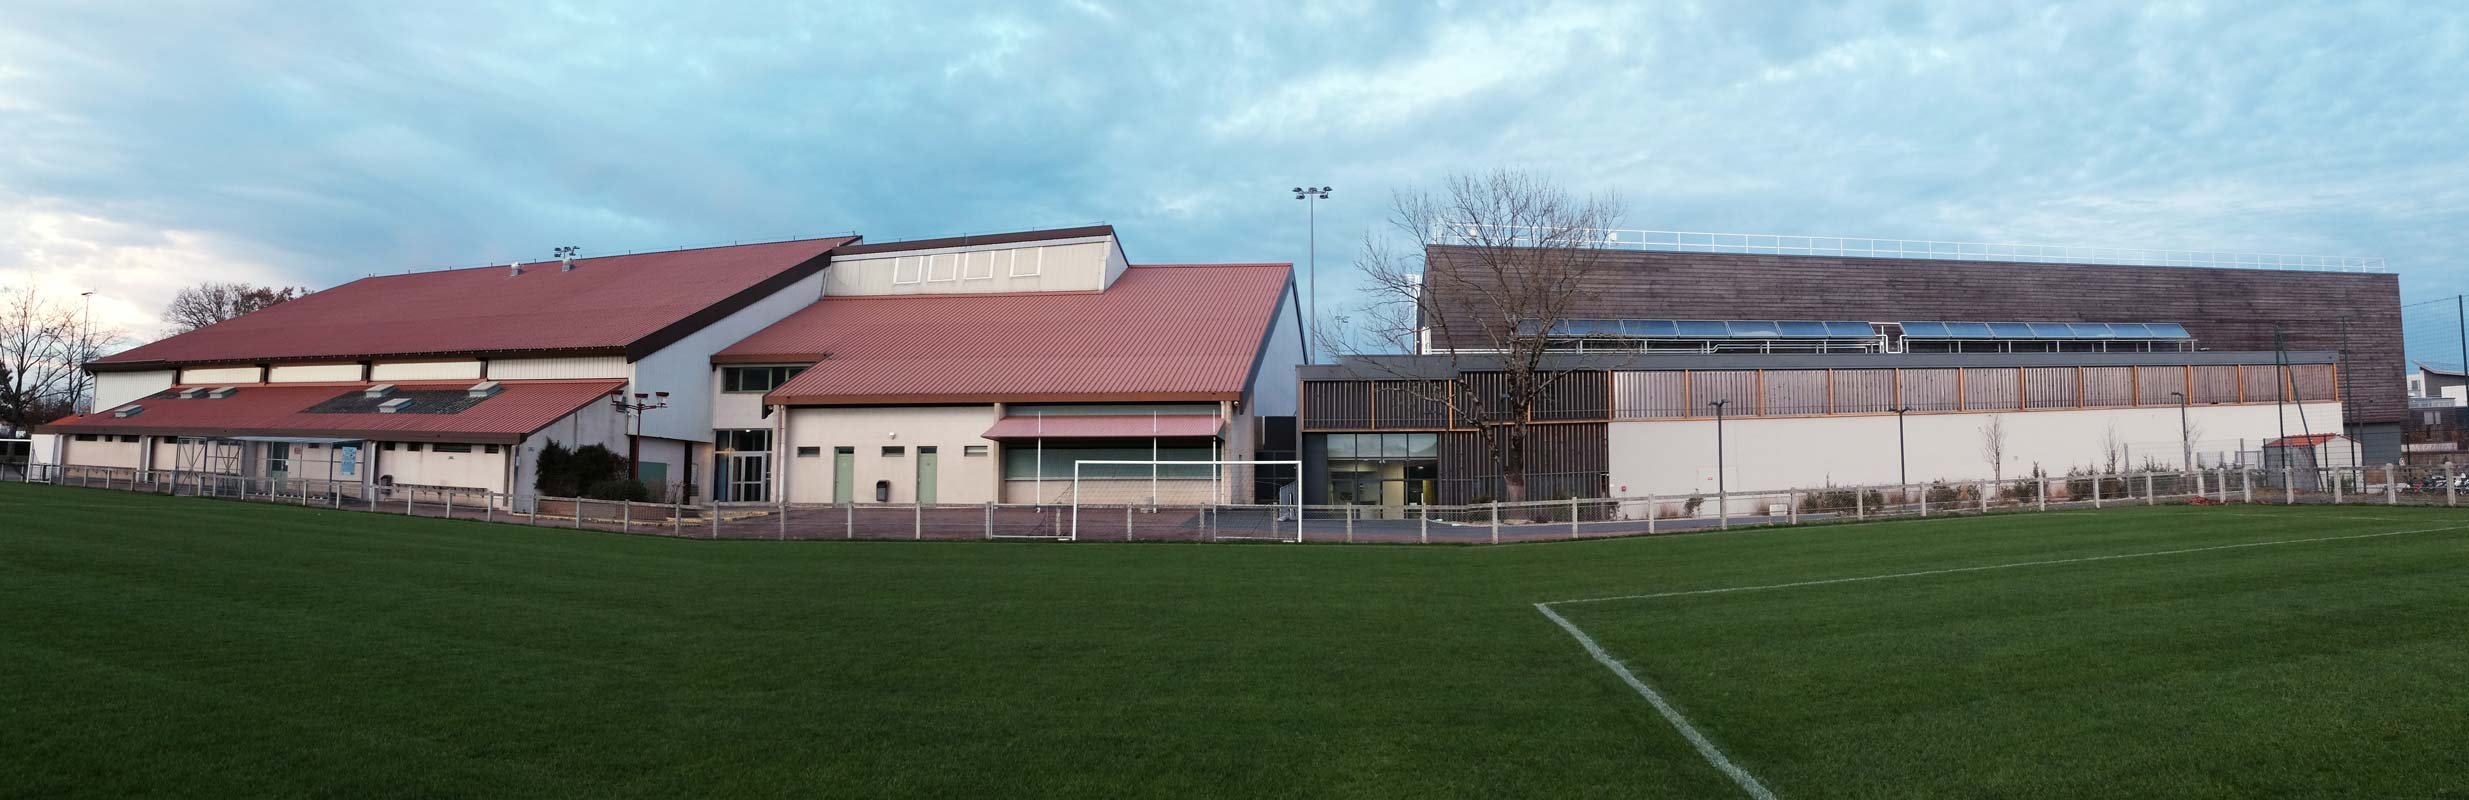 Gymnase CSVM Clisson